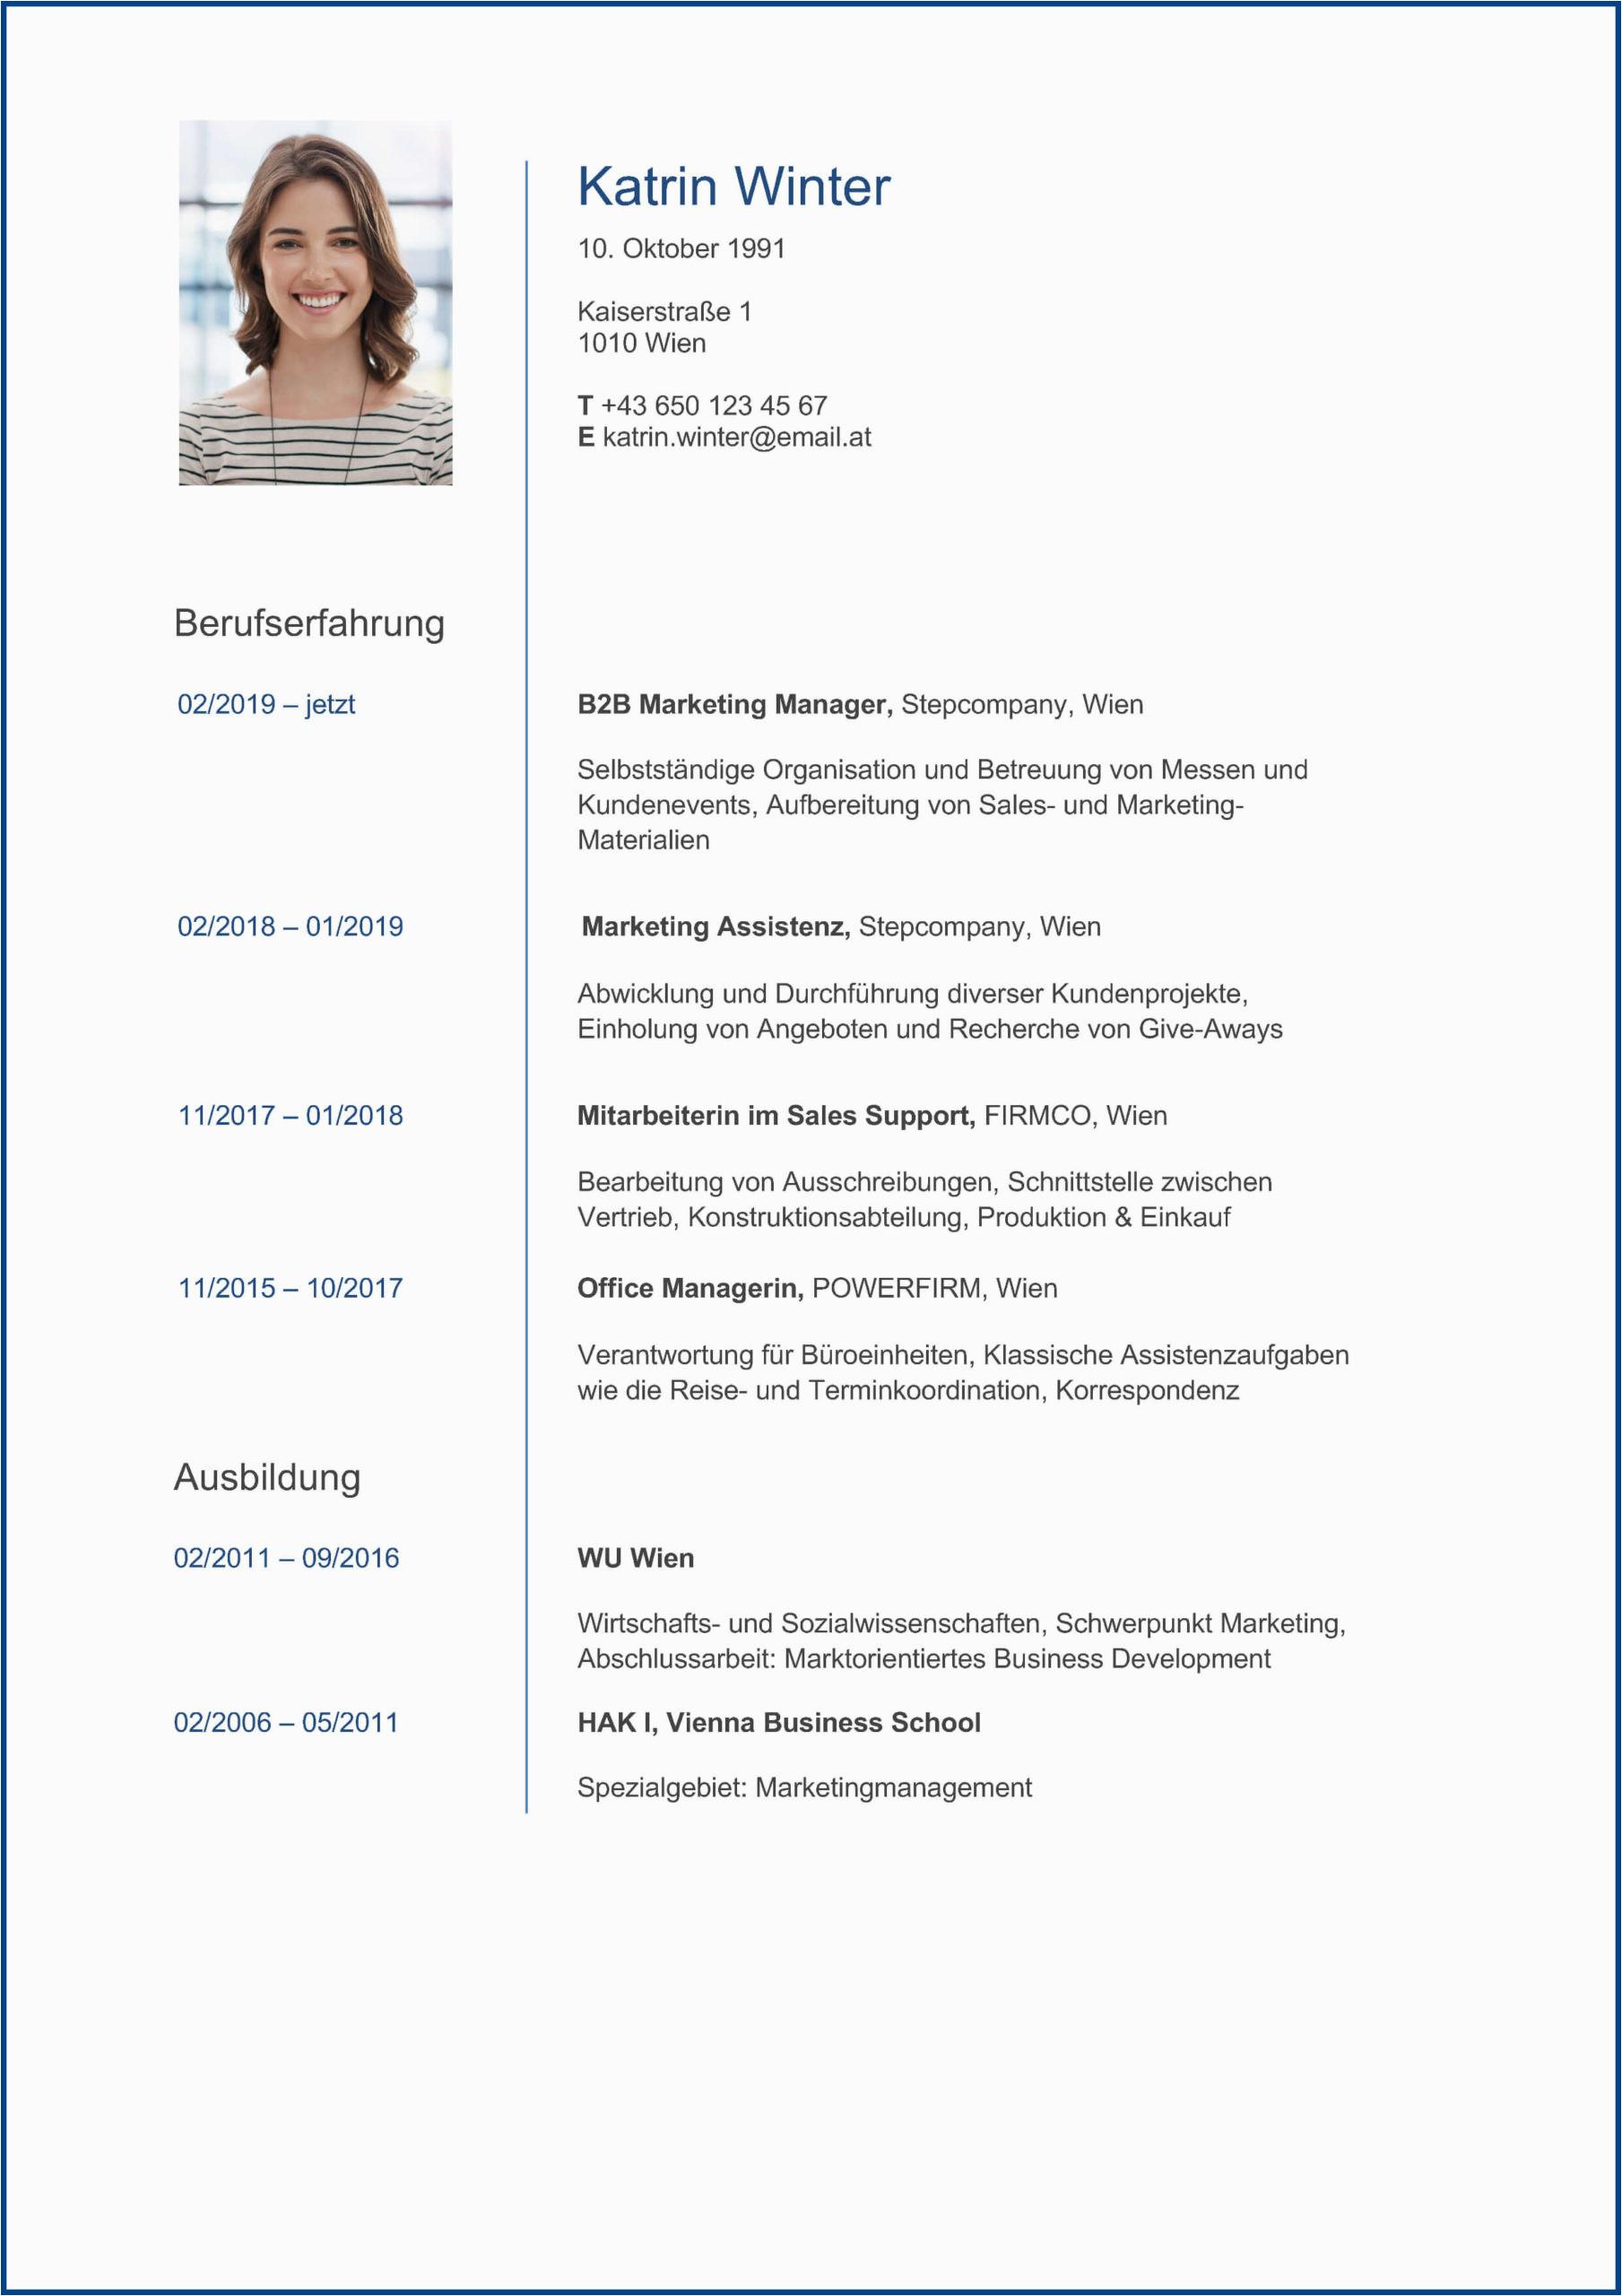 Lebenslauf Deutsch Ausbildung Der Perfekte Lebenslauf Aufbau Tipps Und Vorlagen